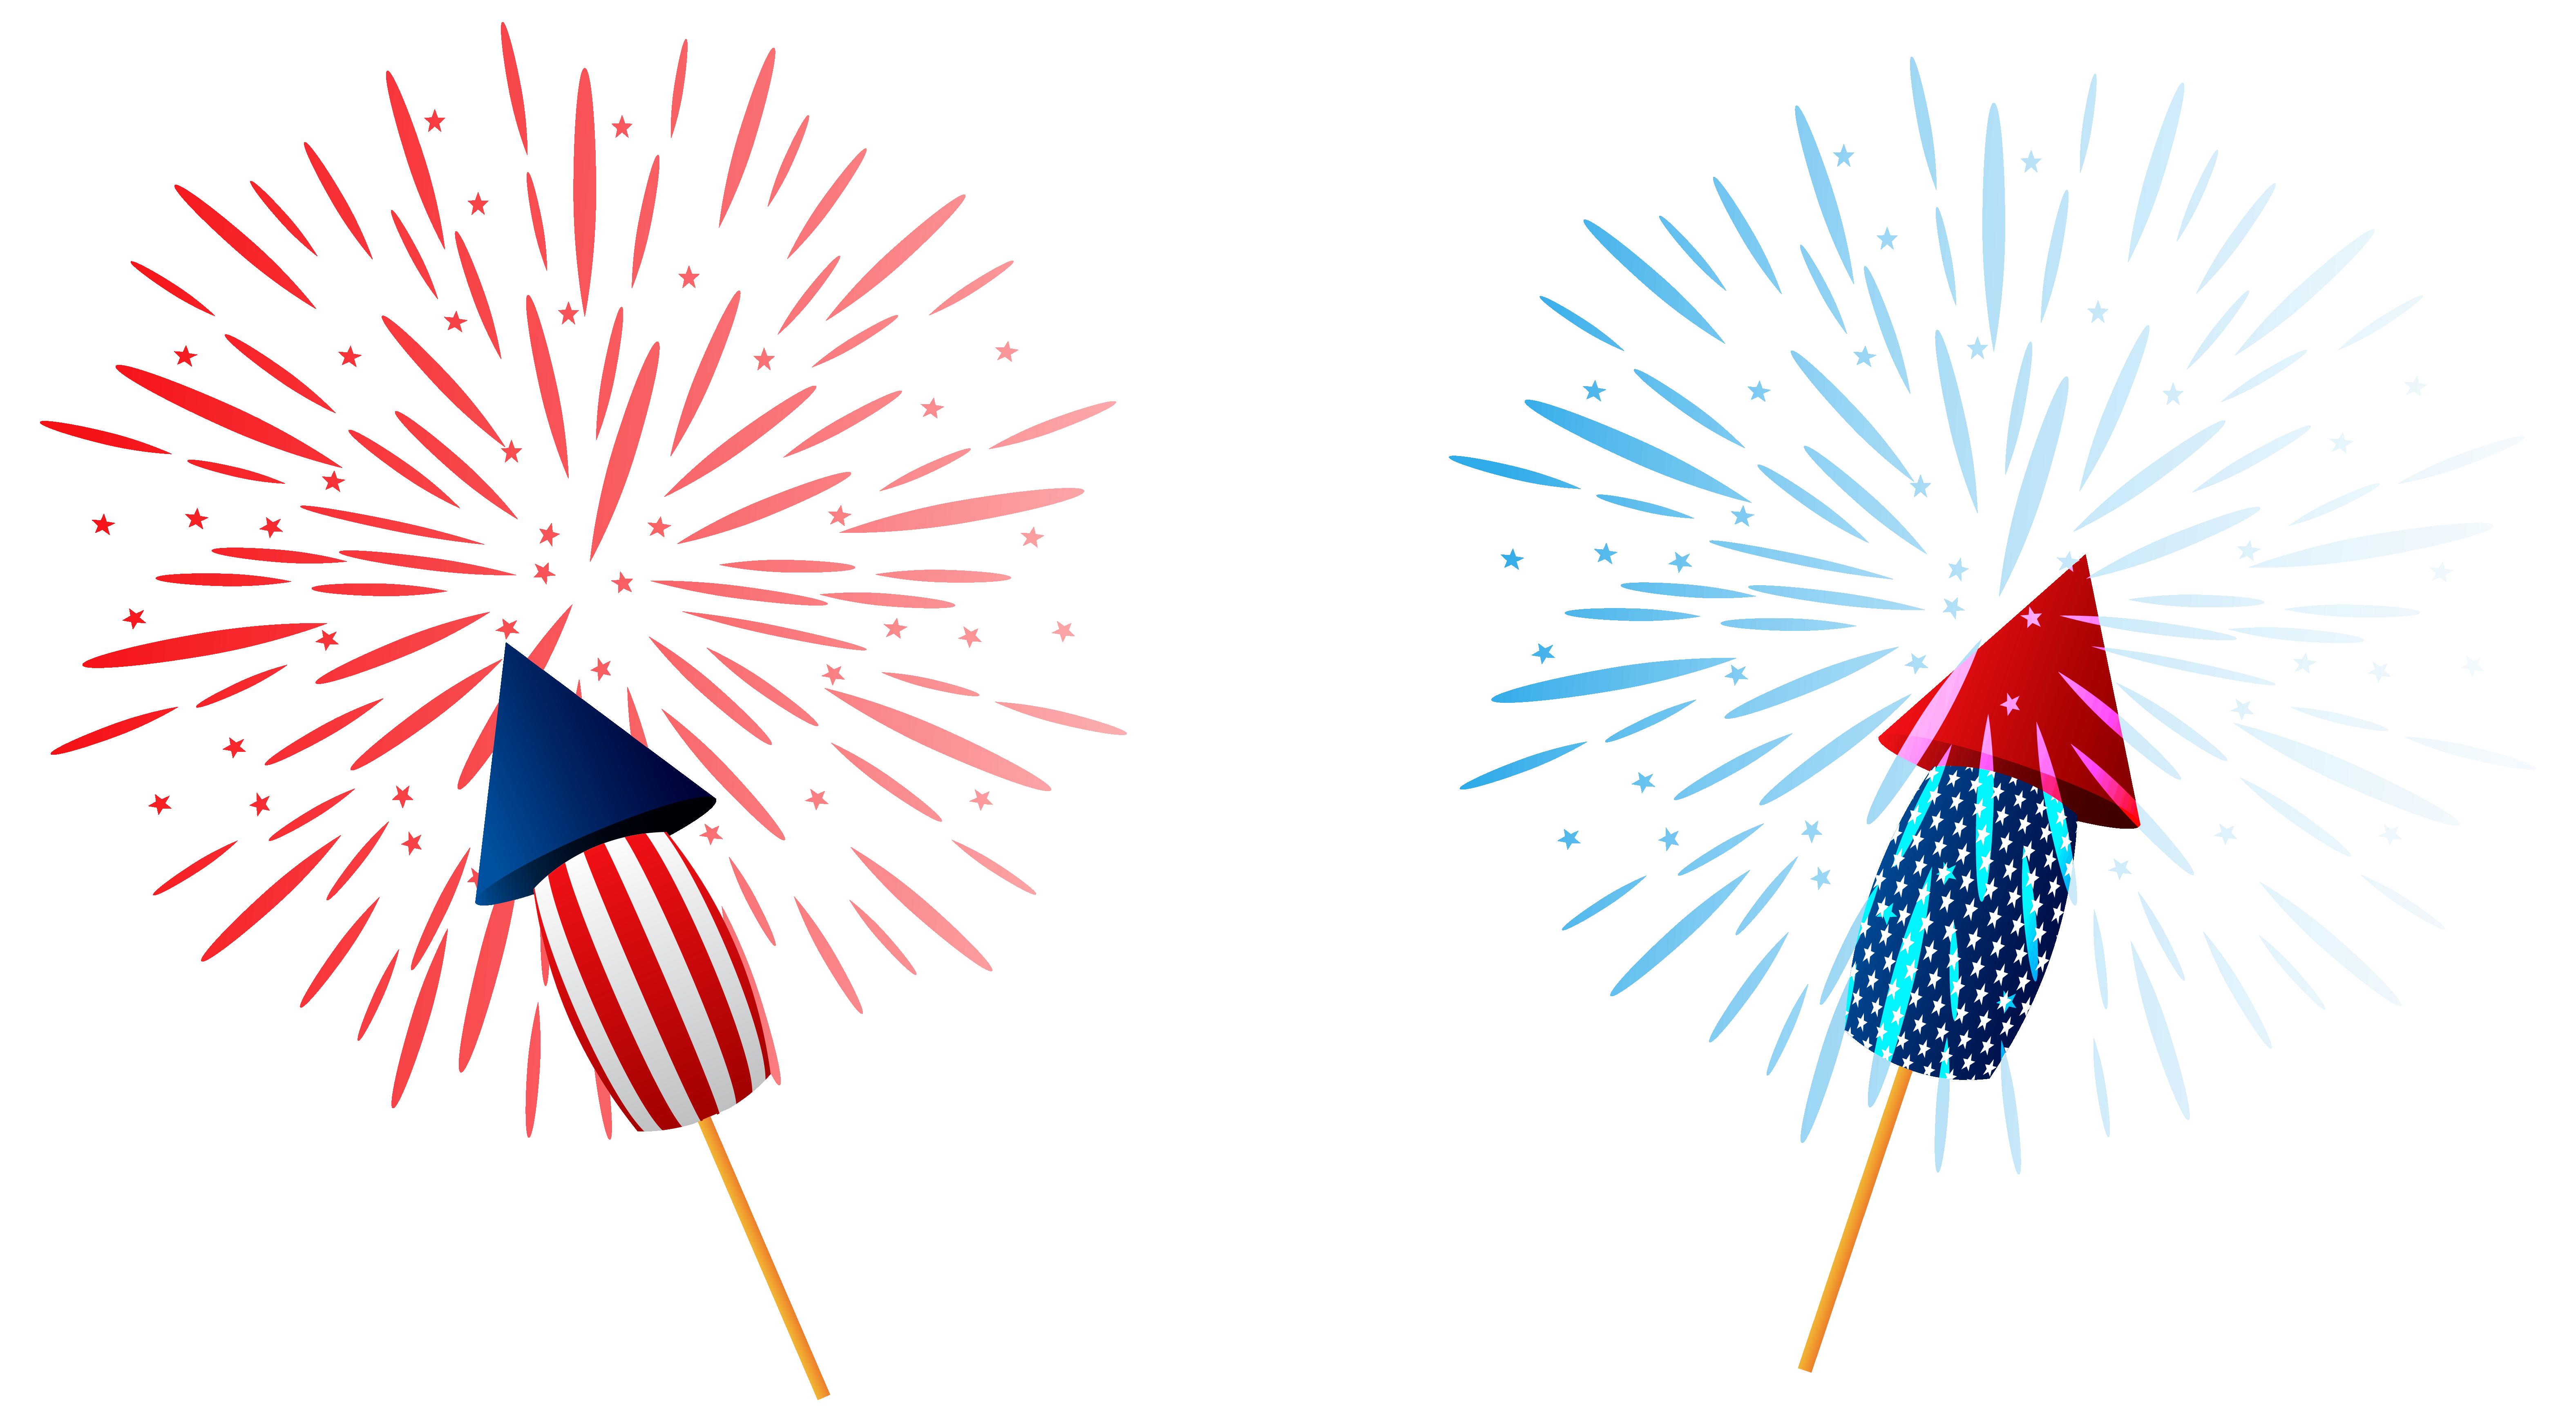 Sparklers png image gallery. Fireworks clipart sparkler